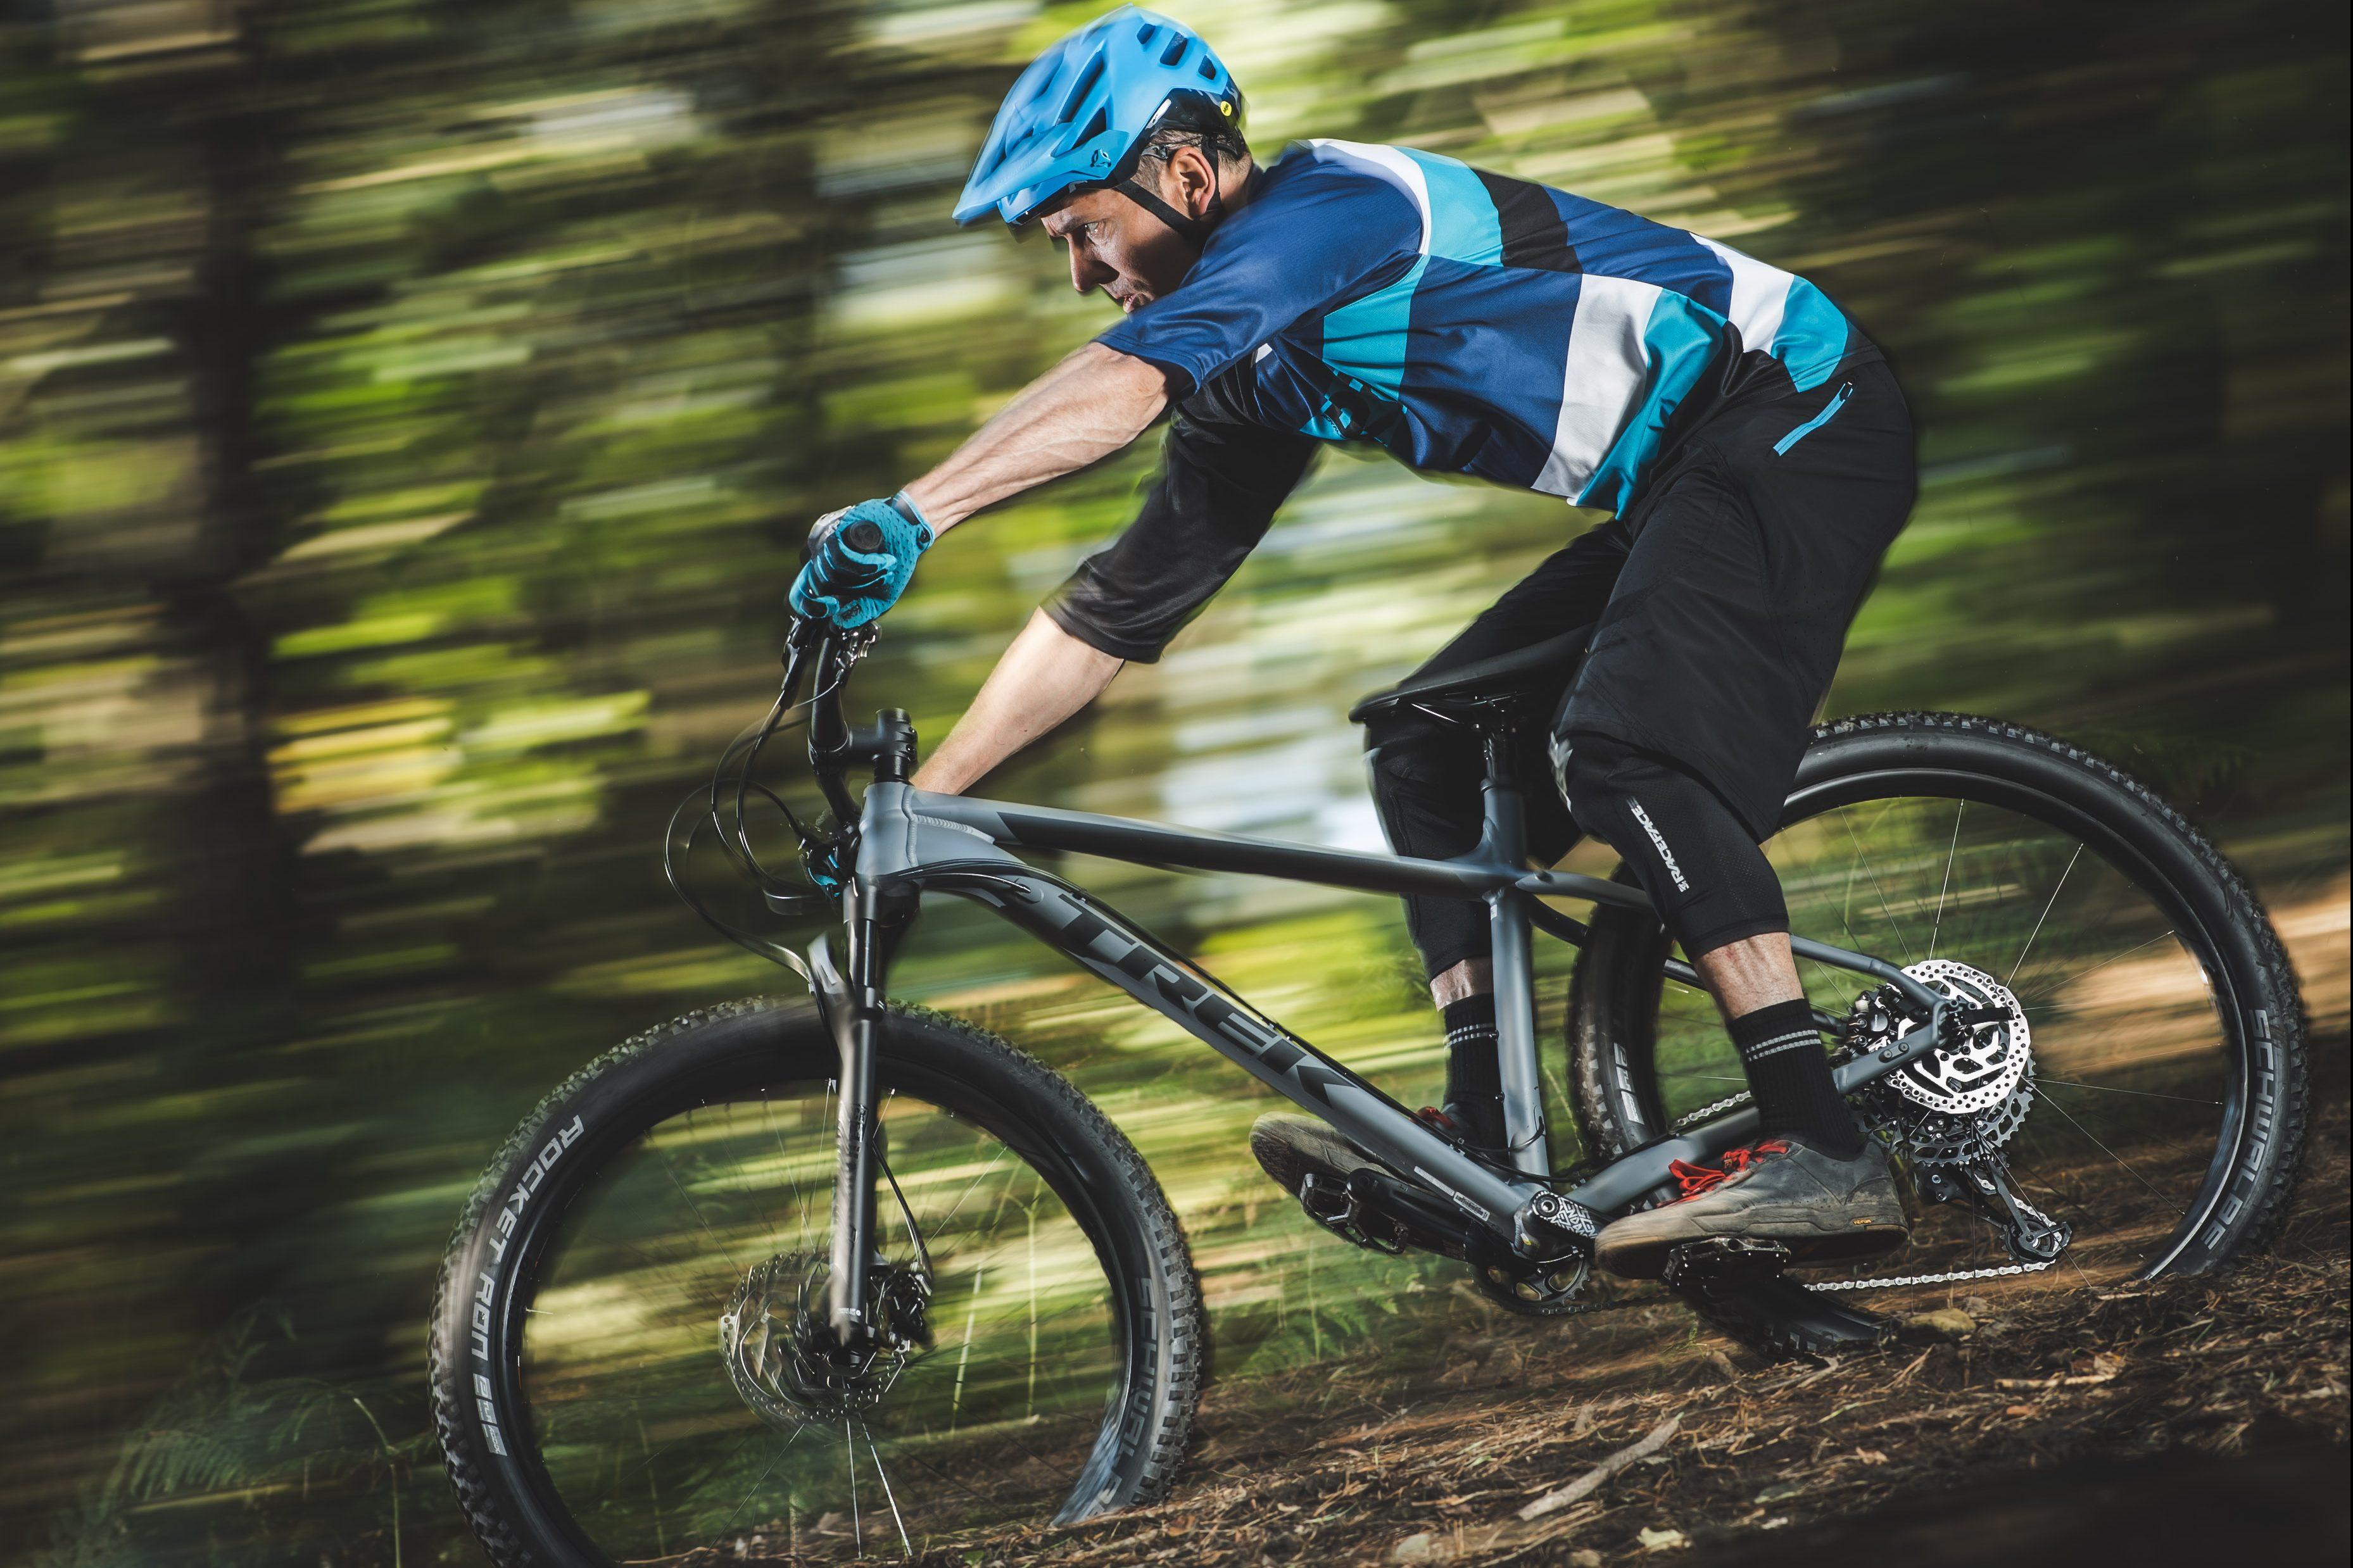 Best Plus bikes 2019 - MBR